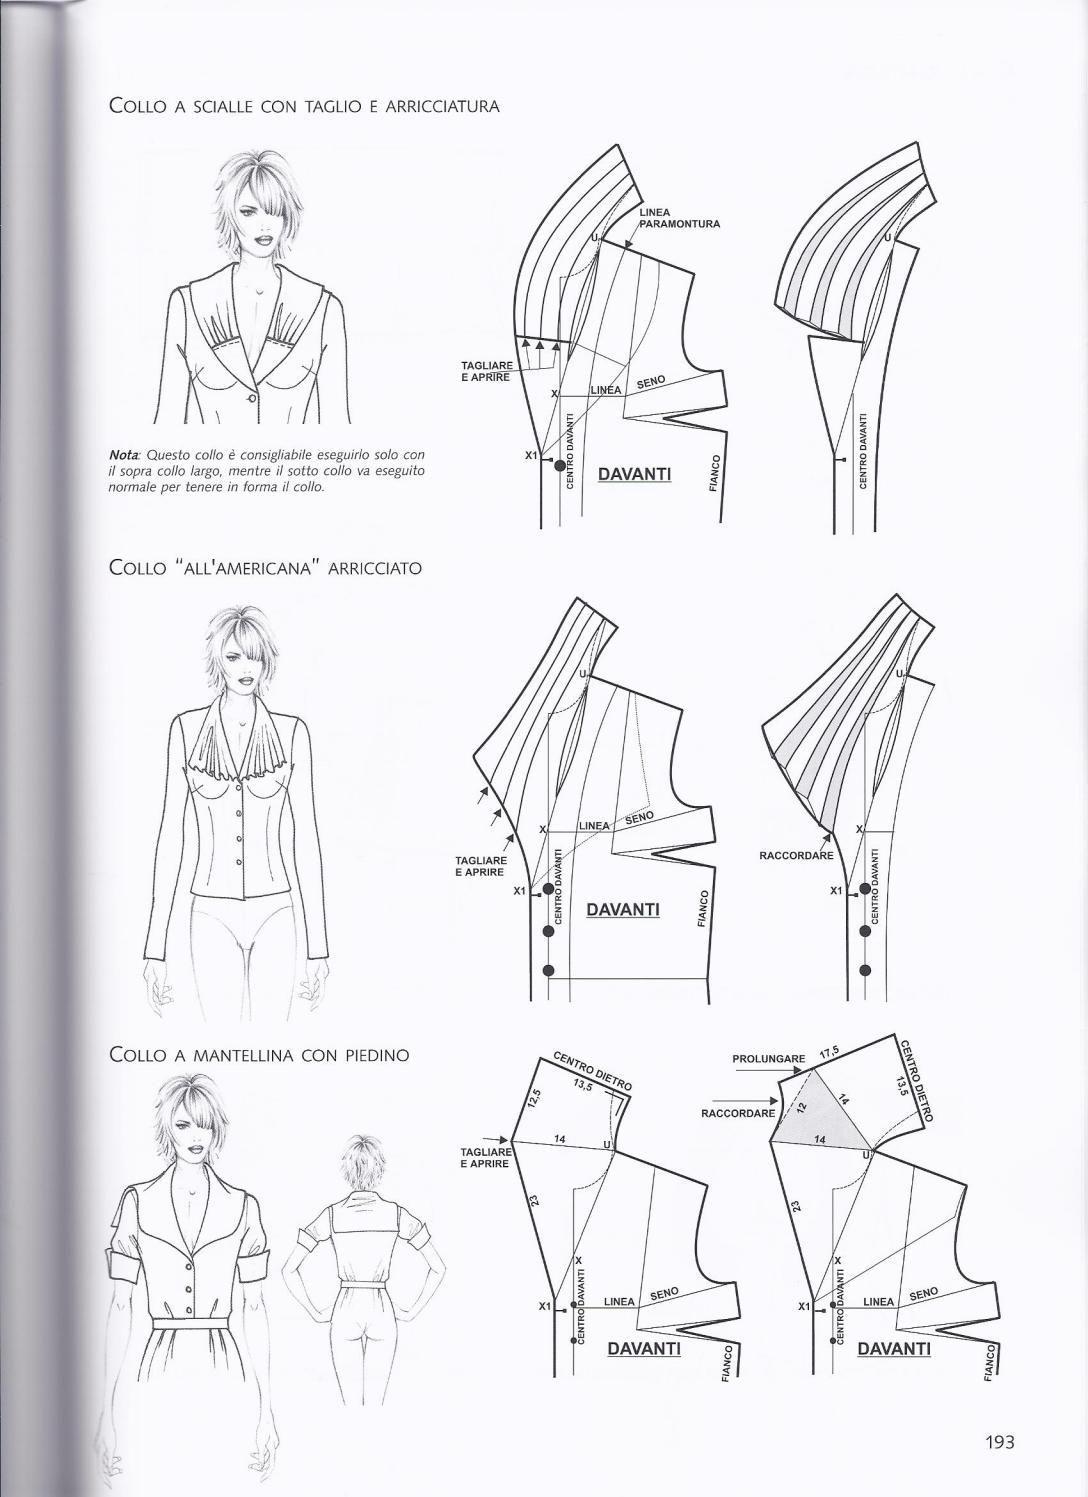 La tecnica dei modelli uomo donna 1 | Patrones, Patronaje y Molde